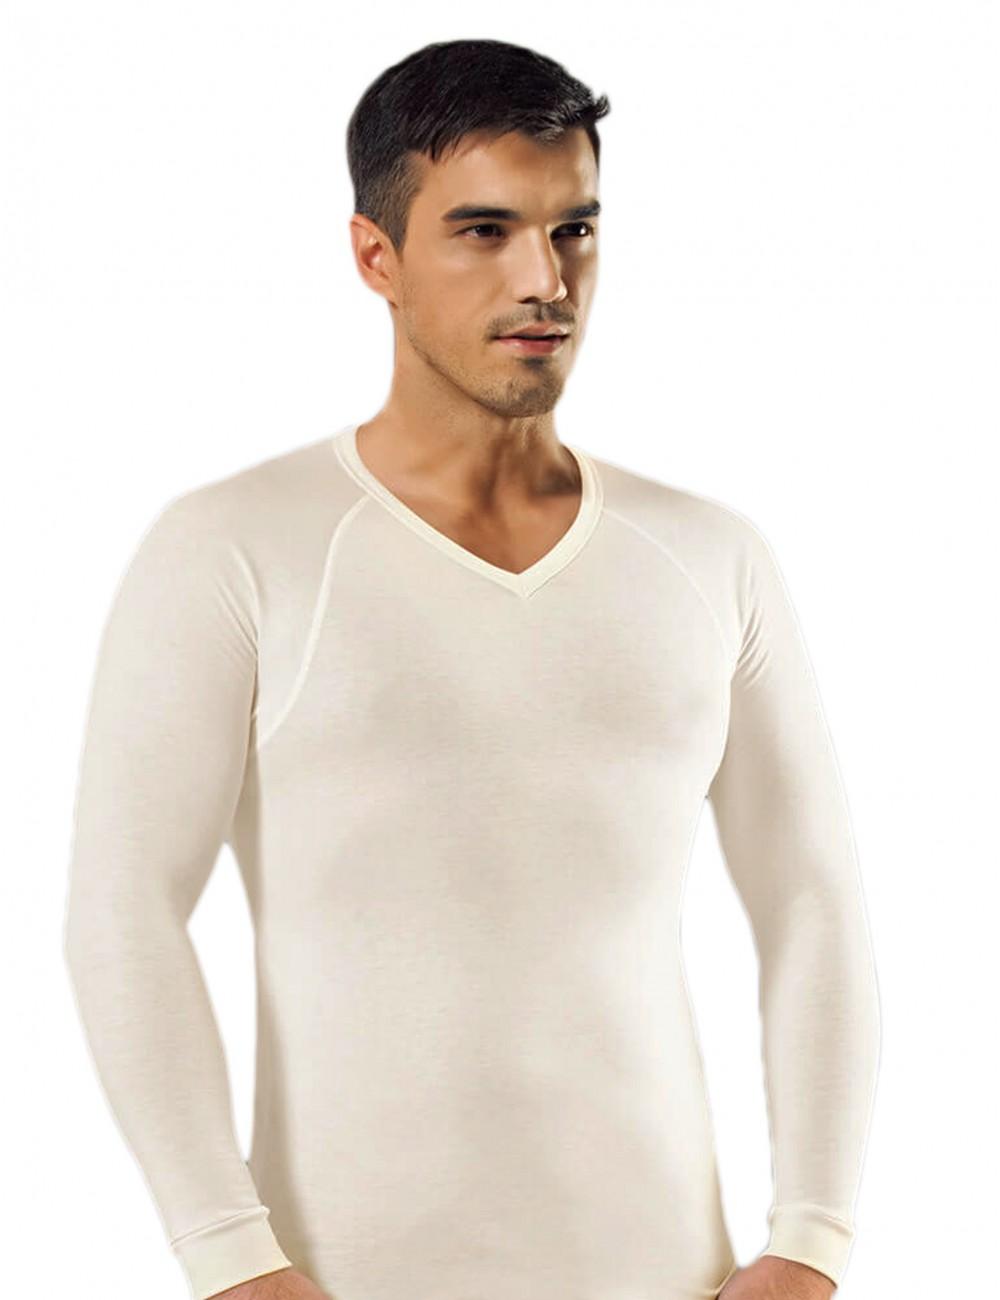 Ανδρική Ισοθερμική Μπλούζα Αθλητική V Λαιμόκοψη σε Λευκό και Μαύρο Χρώμα 6e9e8b89b87